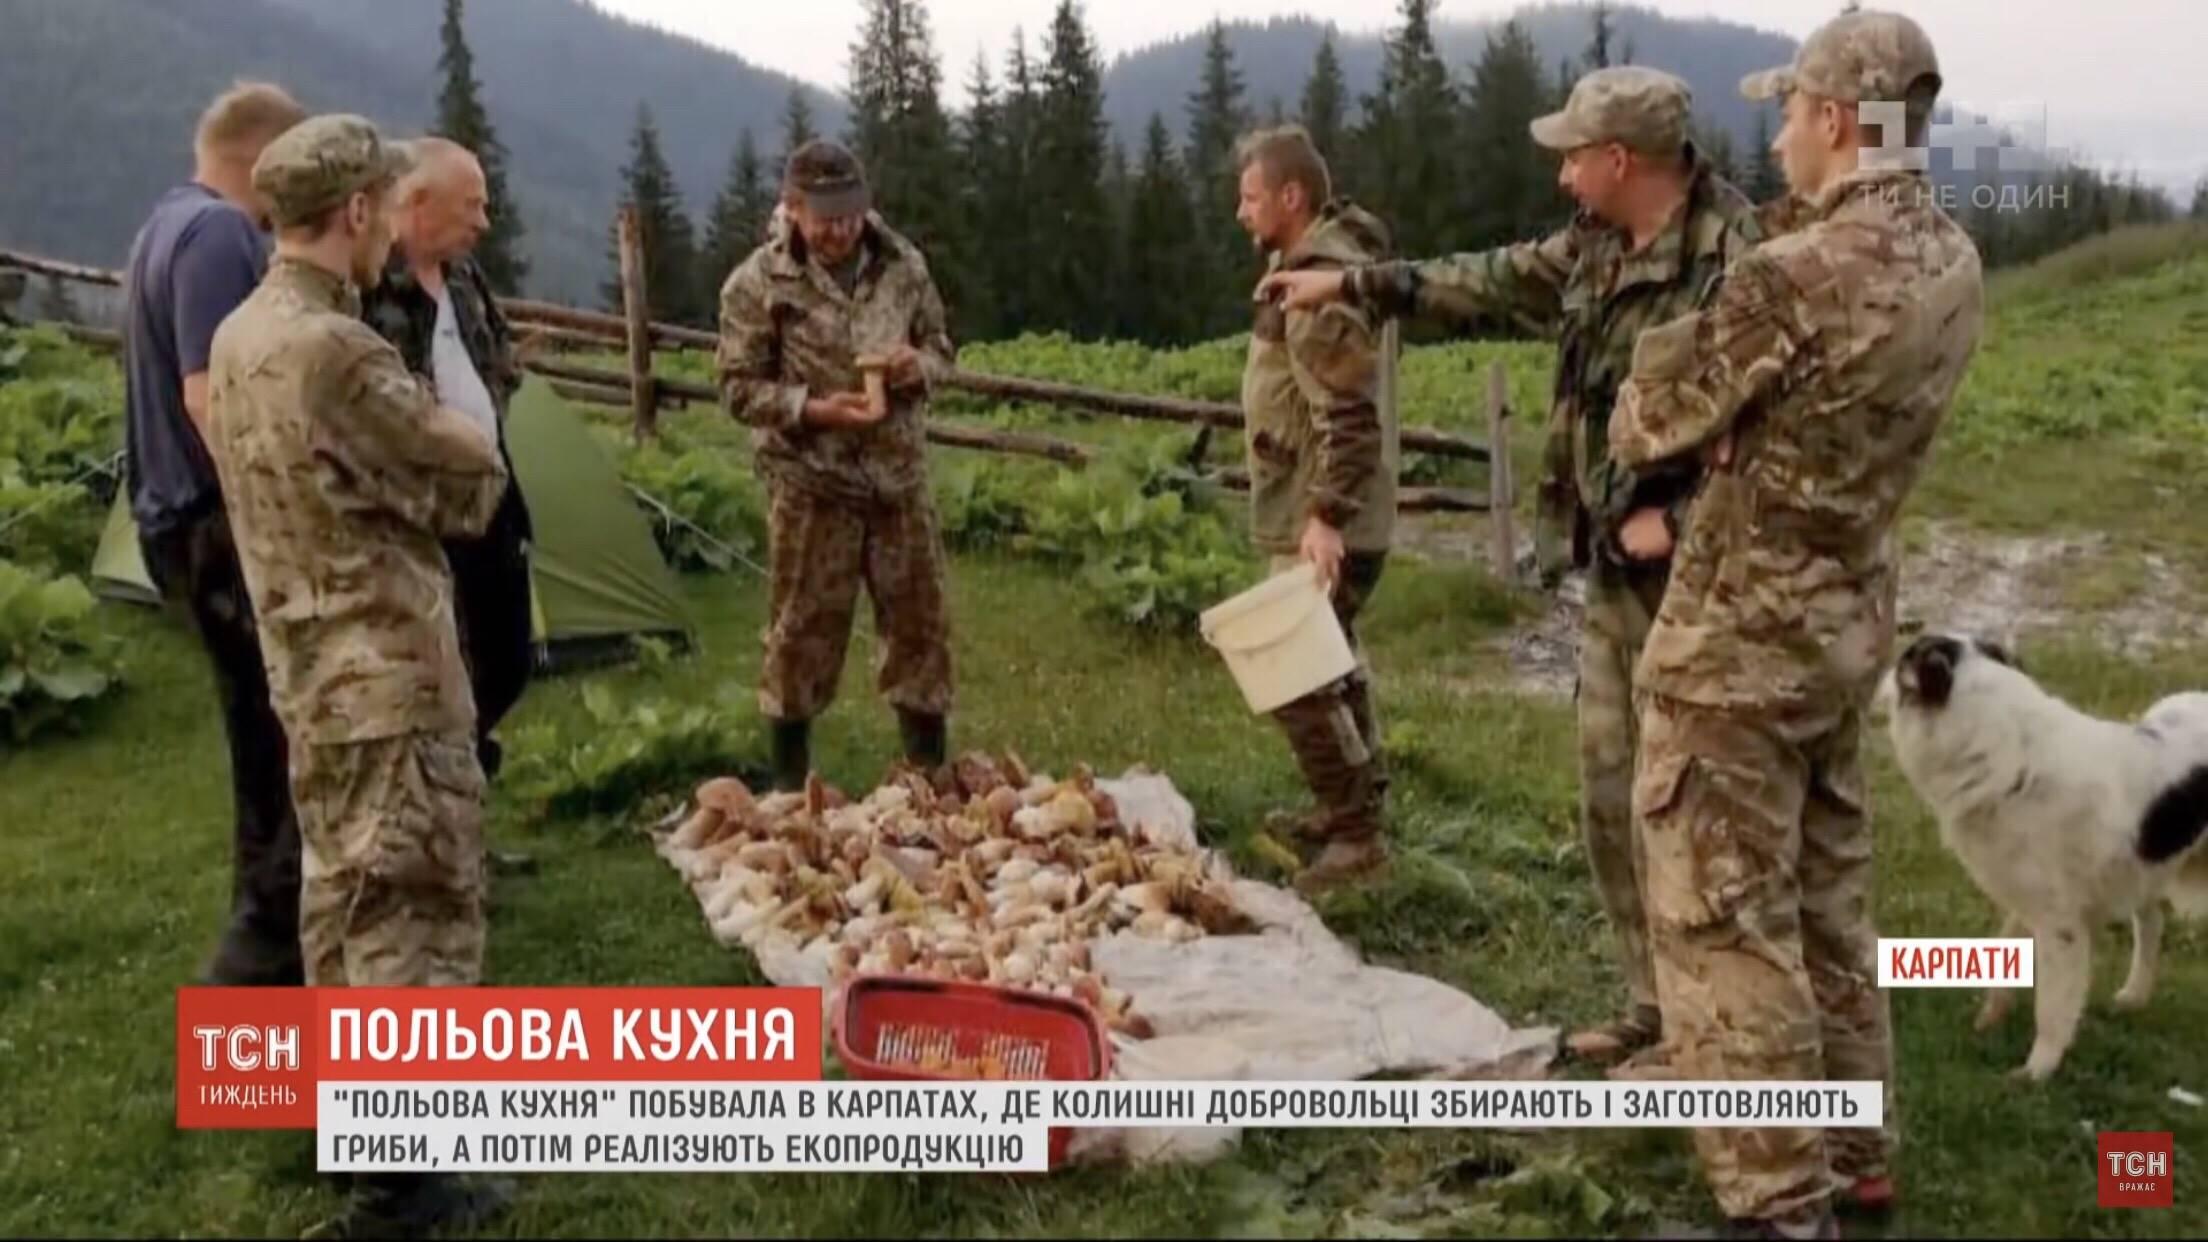 Грибна рота: як ветерани АТО проходять реабілітацію у Карпатах (ФОТО, ВІДЕО)